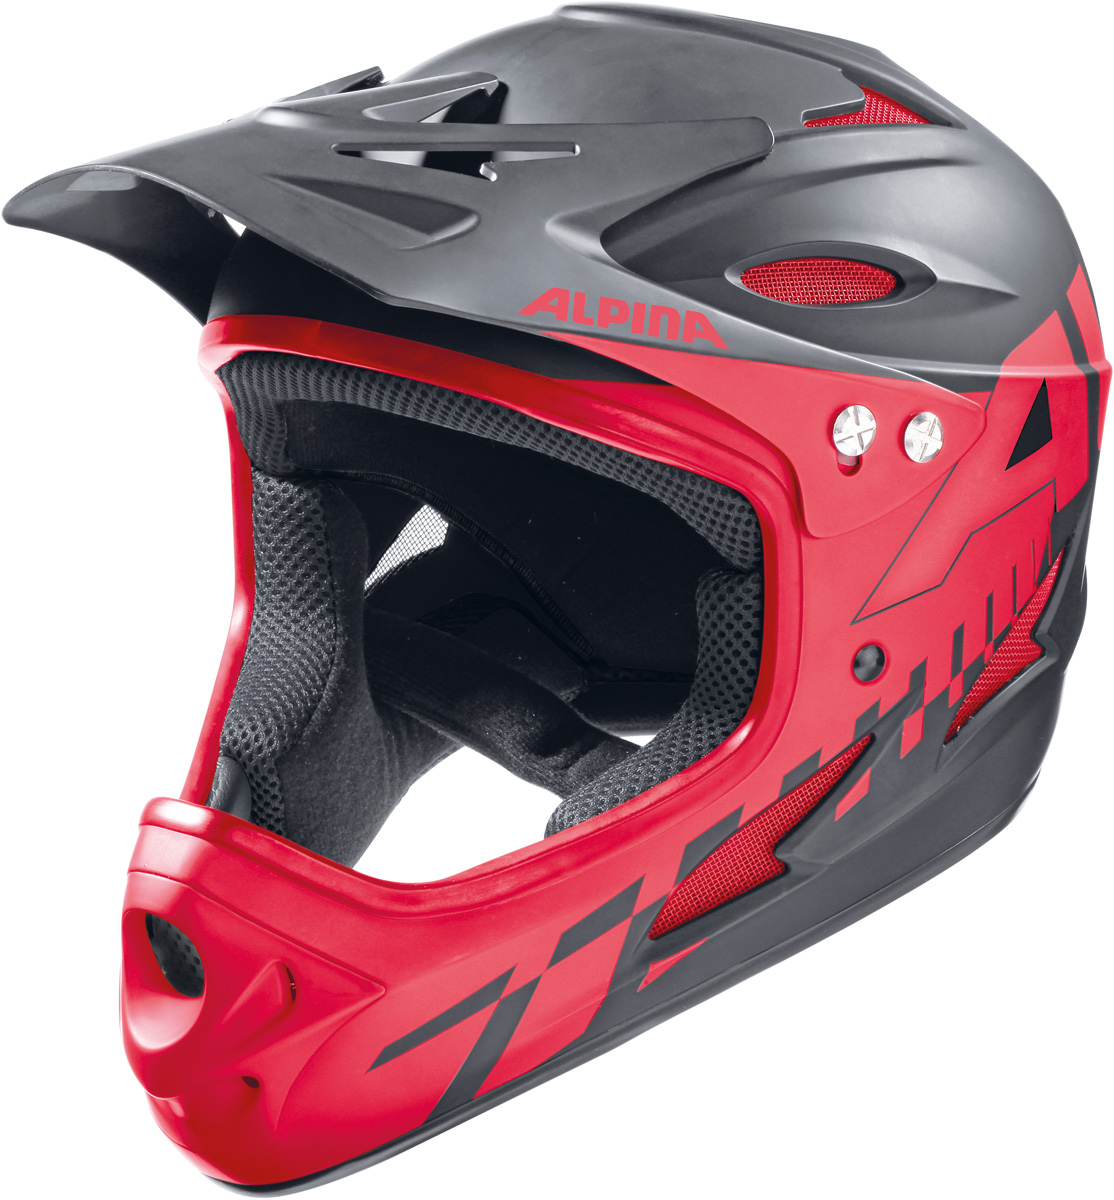 """Шлем горнолыжный Alpina """"Fullface"""", цвет: черный, красный. A9689_32. Размер 55-56"""